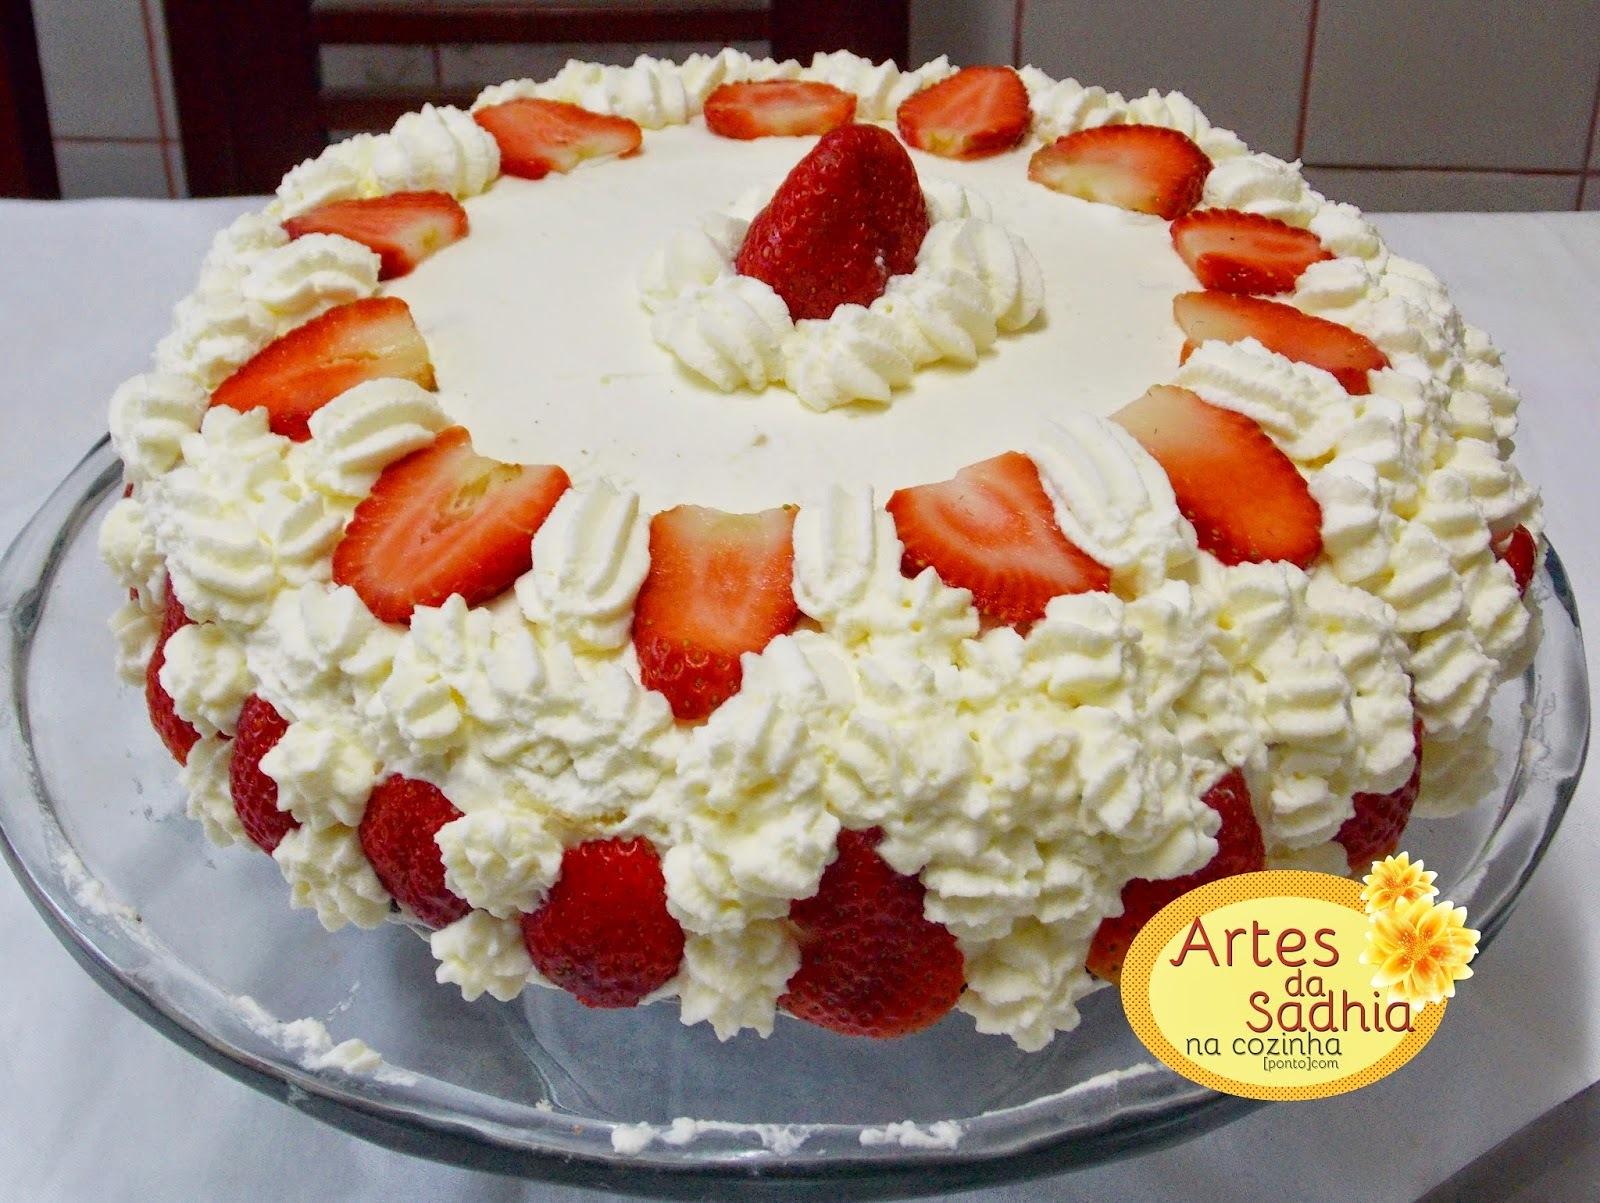 de como fazer um bolo simples caseiro com massa leve e fofa